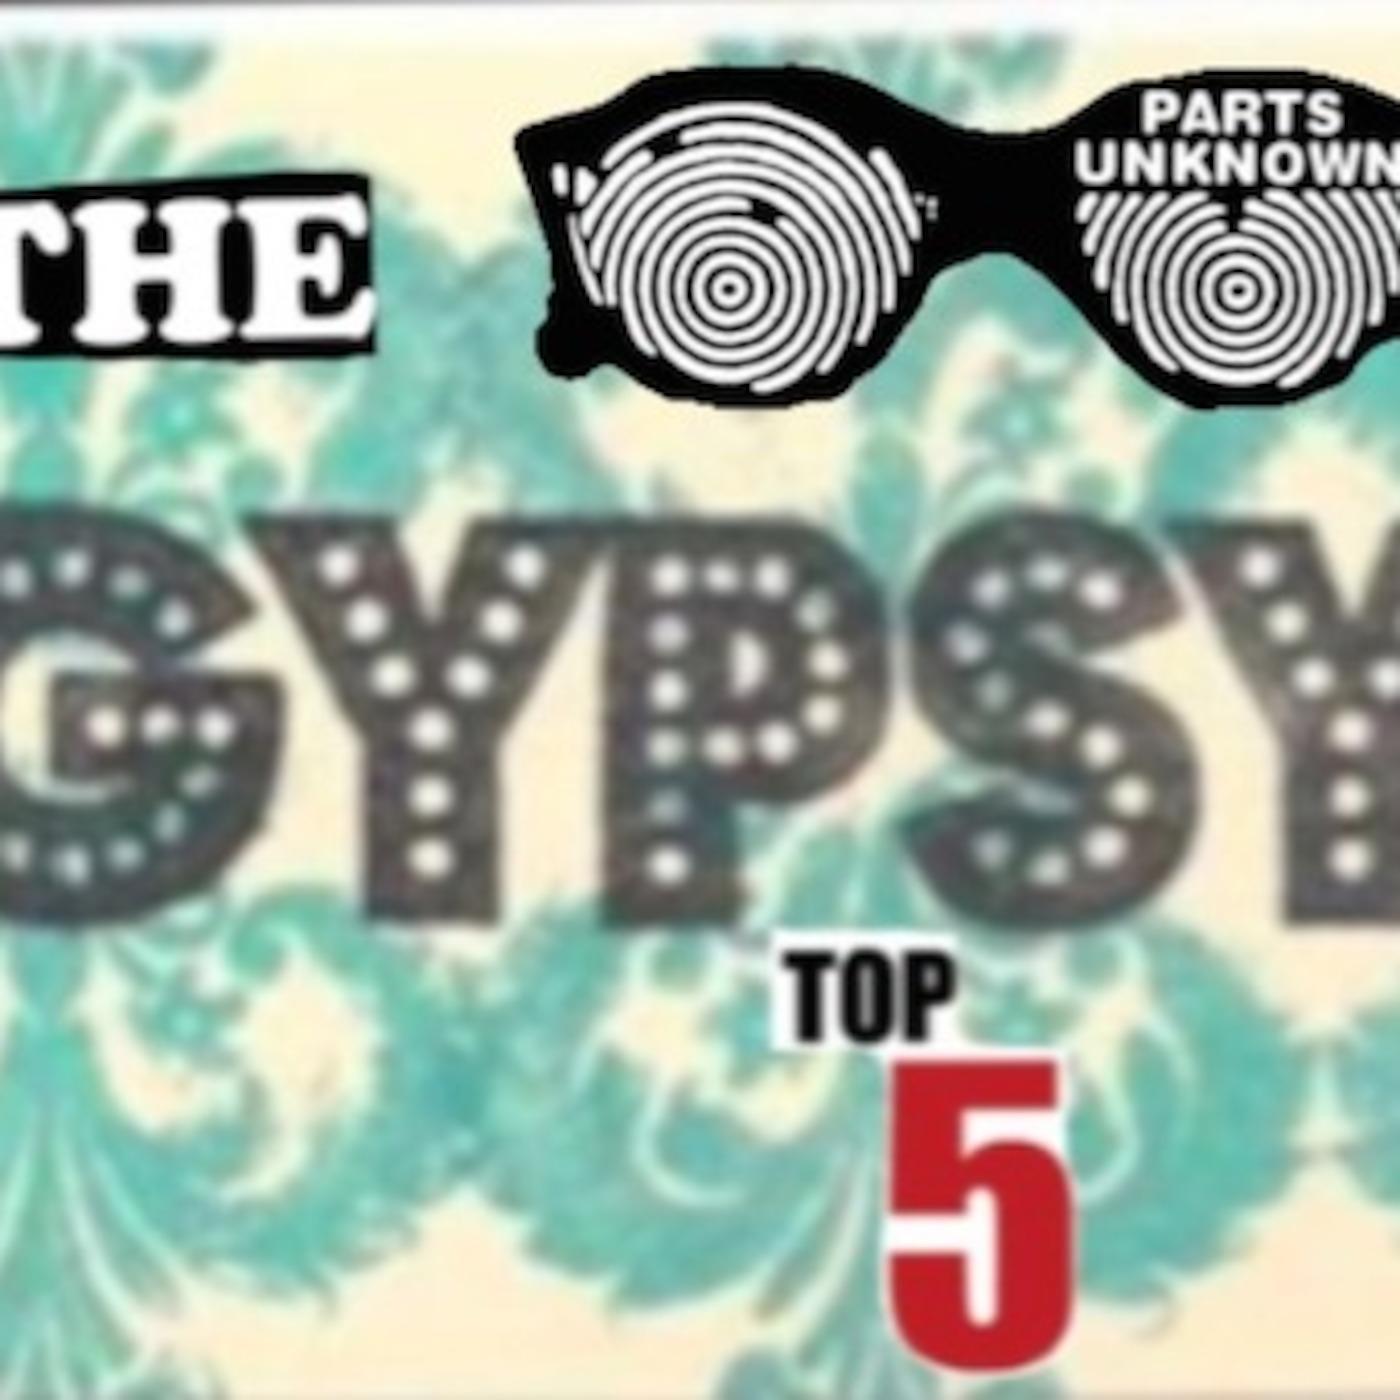 Gypsy's Top 5